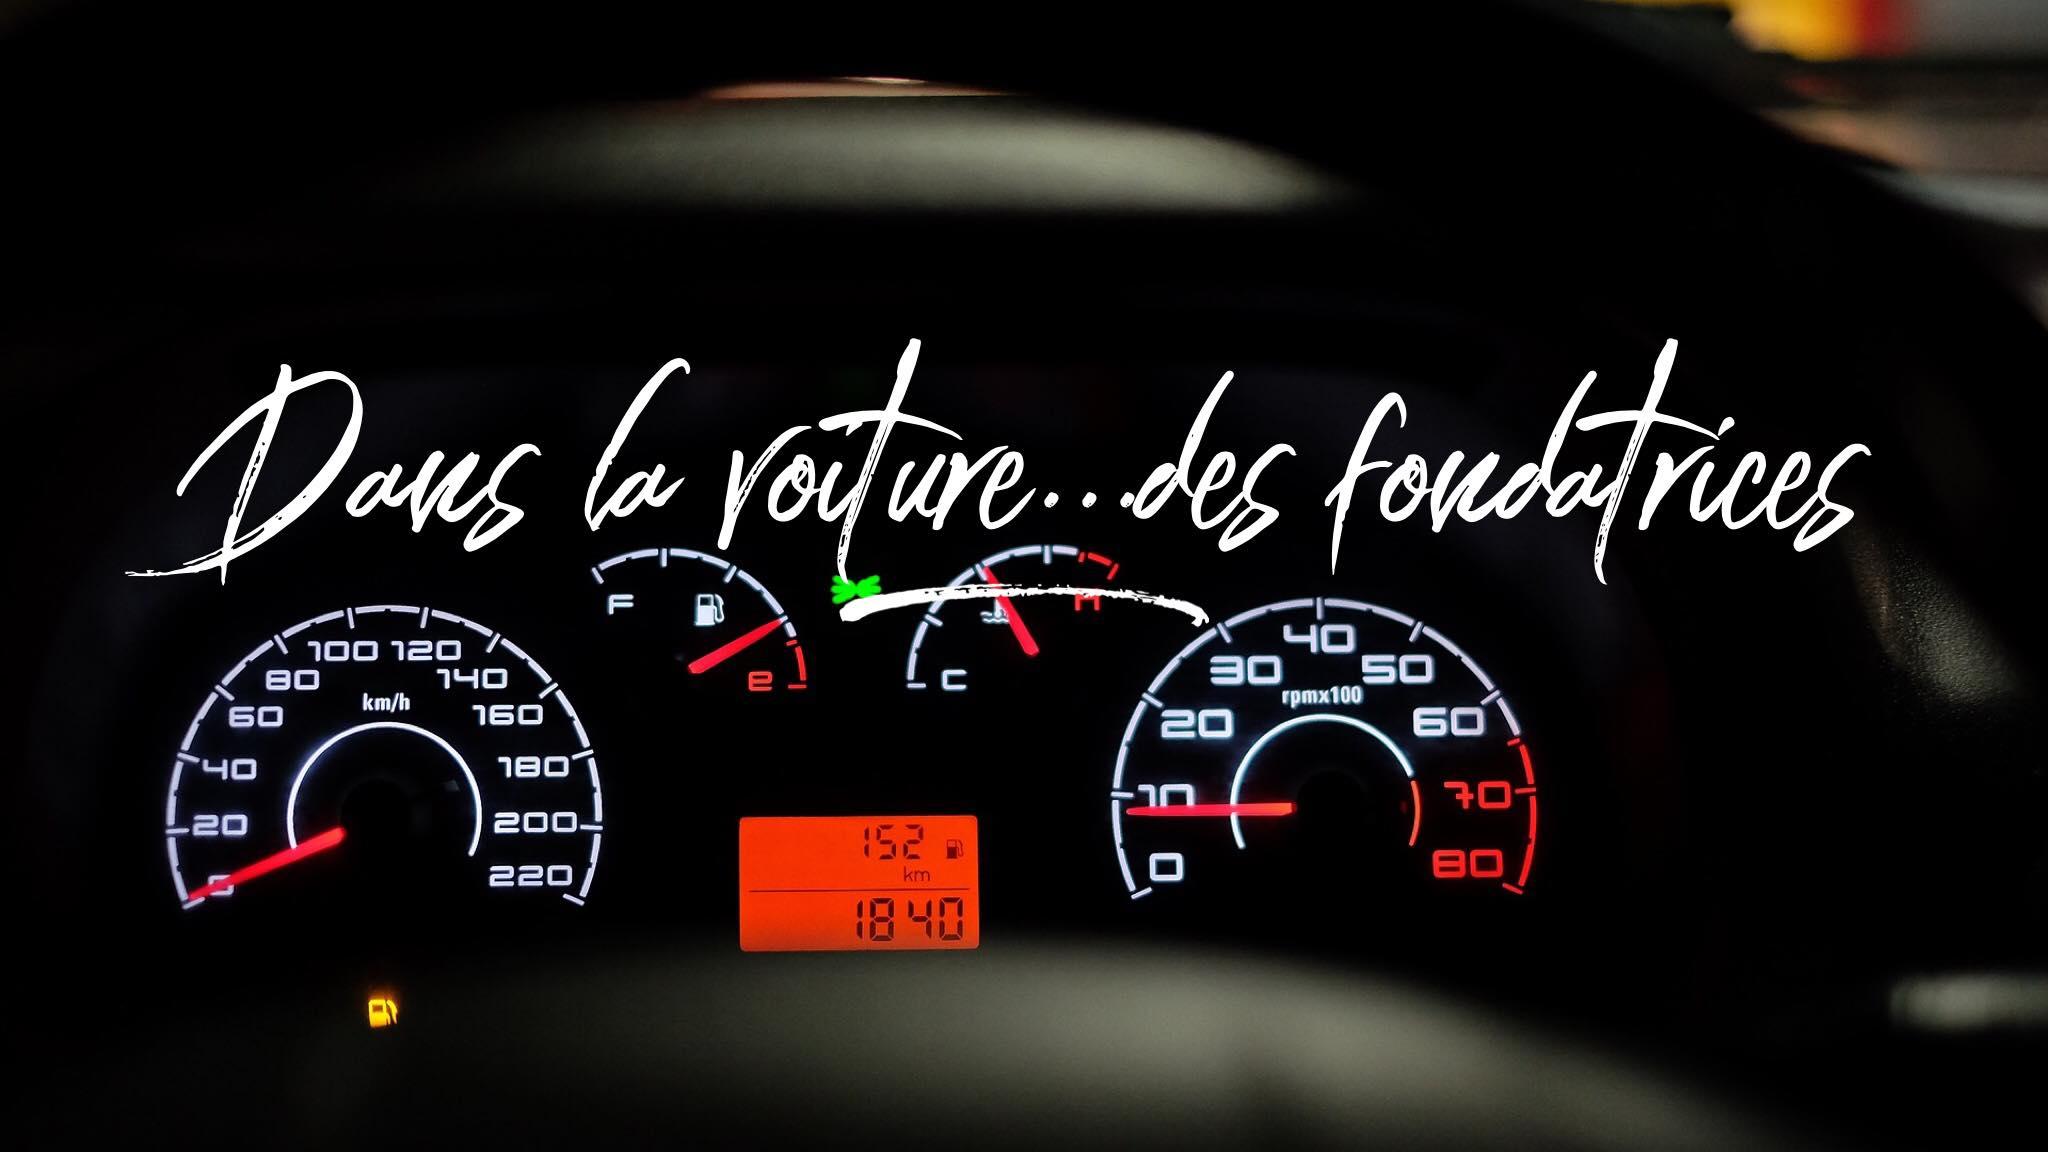 Dans la voiture des fondatrices